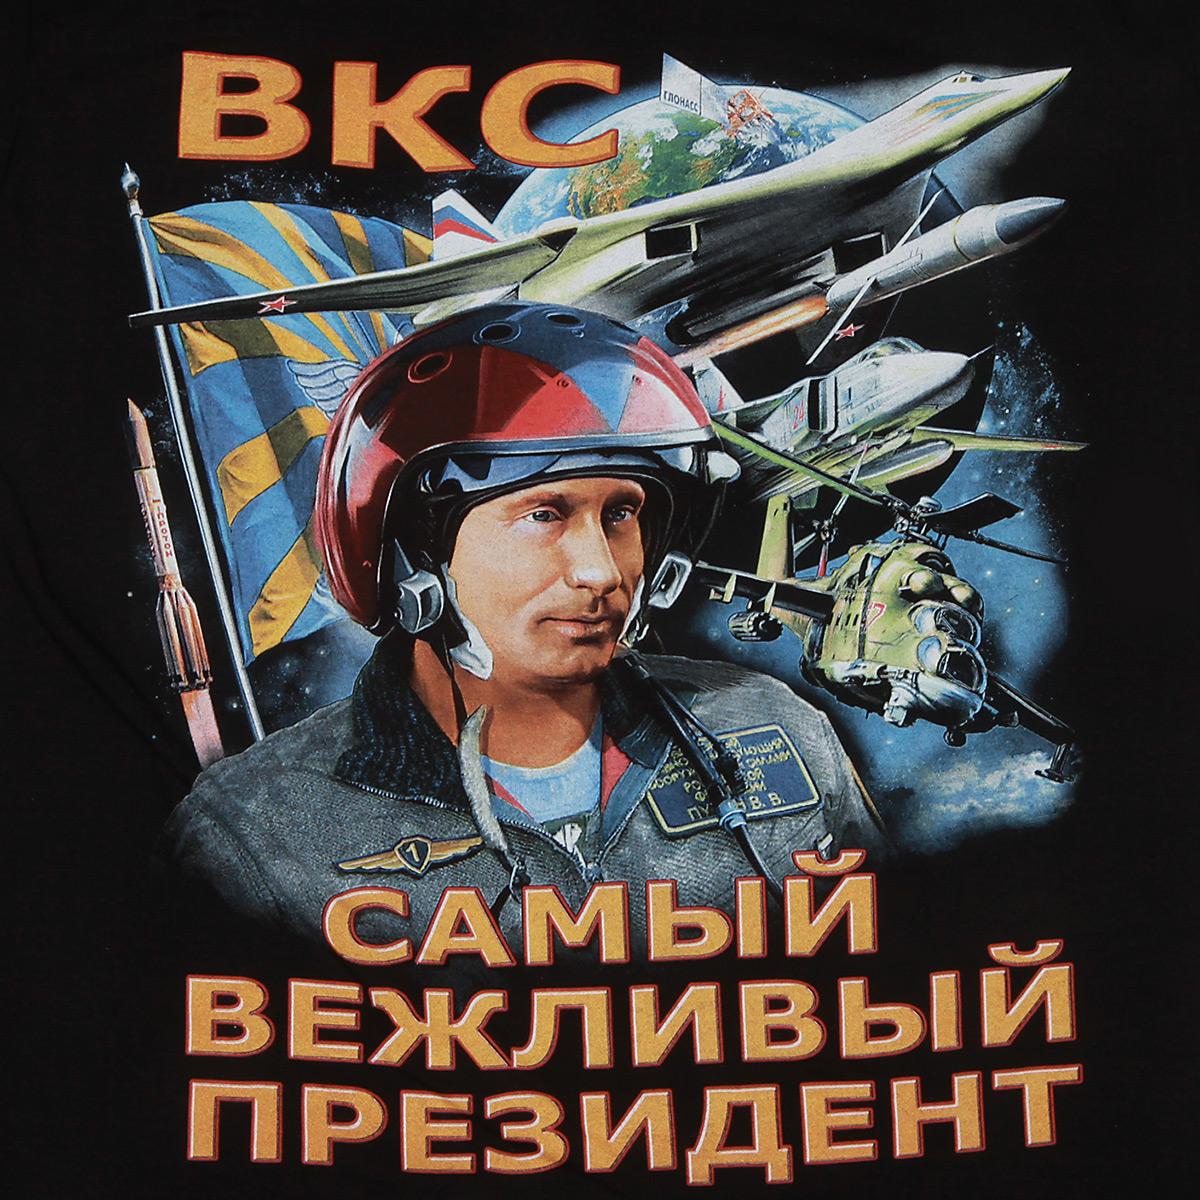 Футболка ВКС с Путиным по выгодной цене